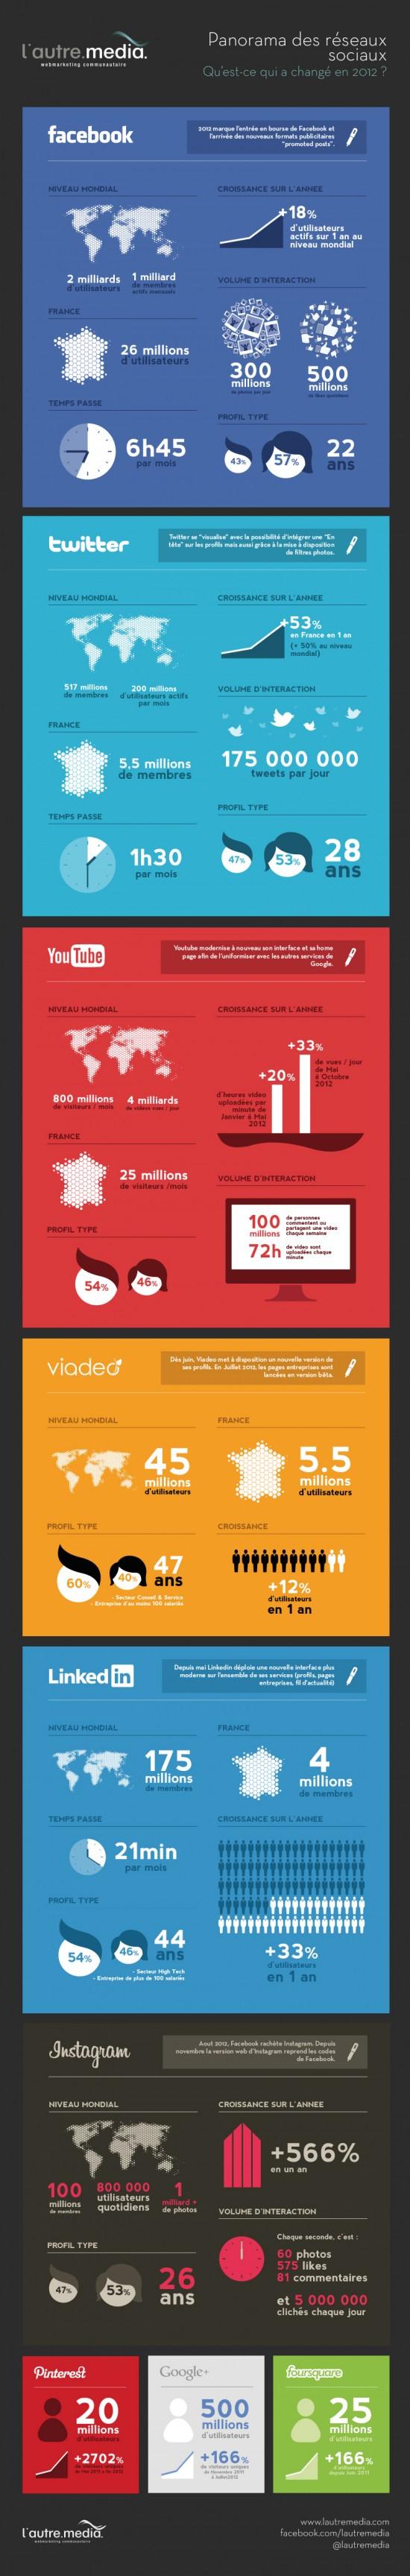 infographie-reseaux-sociaux-lautre-media